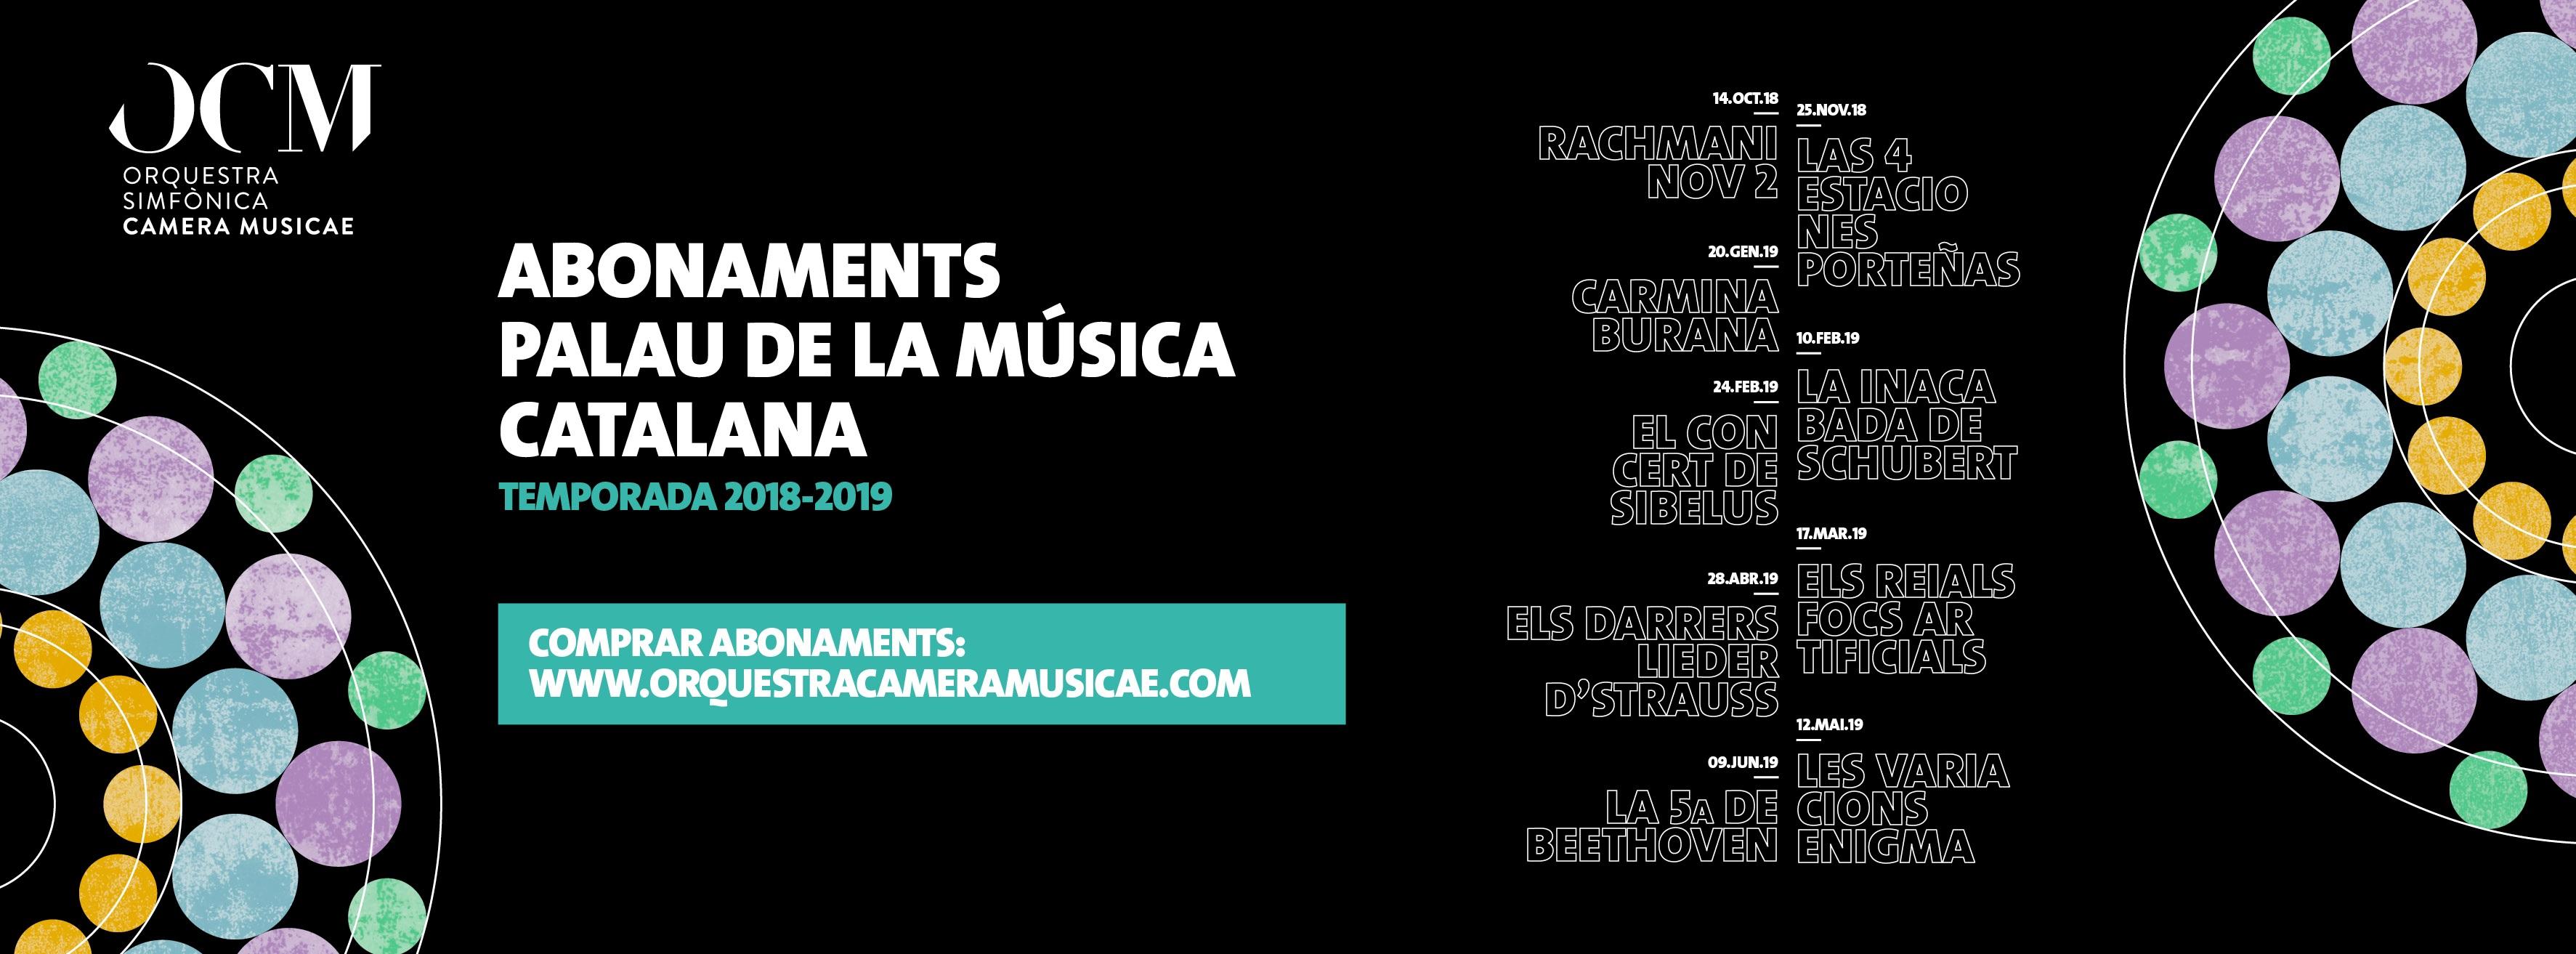 Descompte Concerts I Abonaments Orquestra Camera Musicae